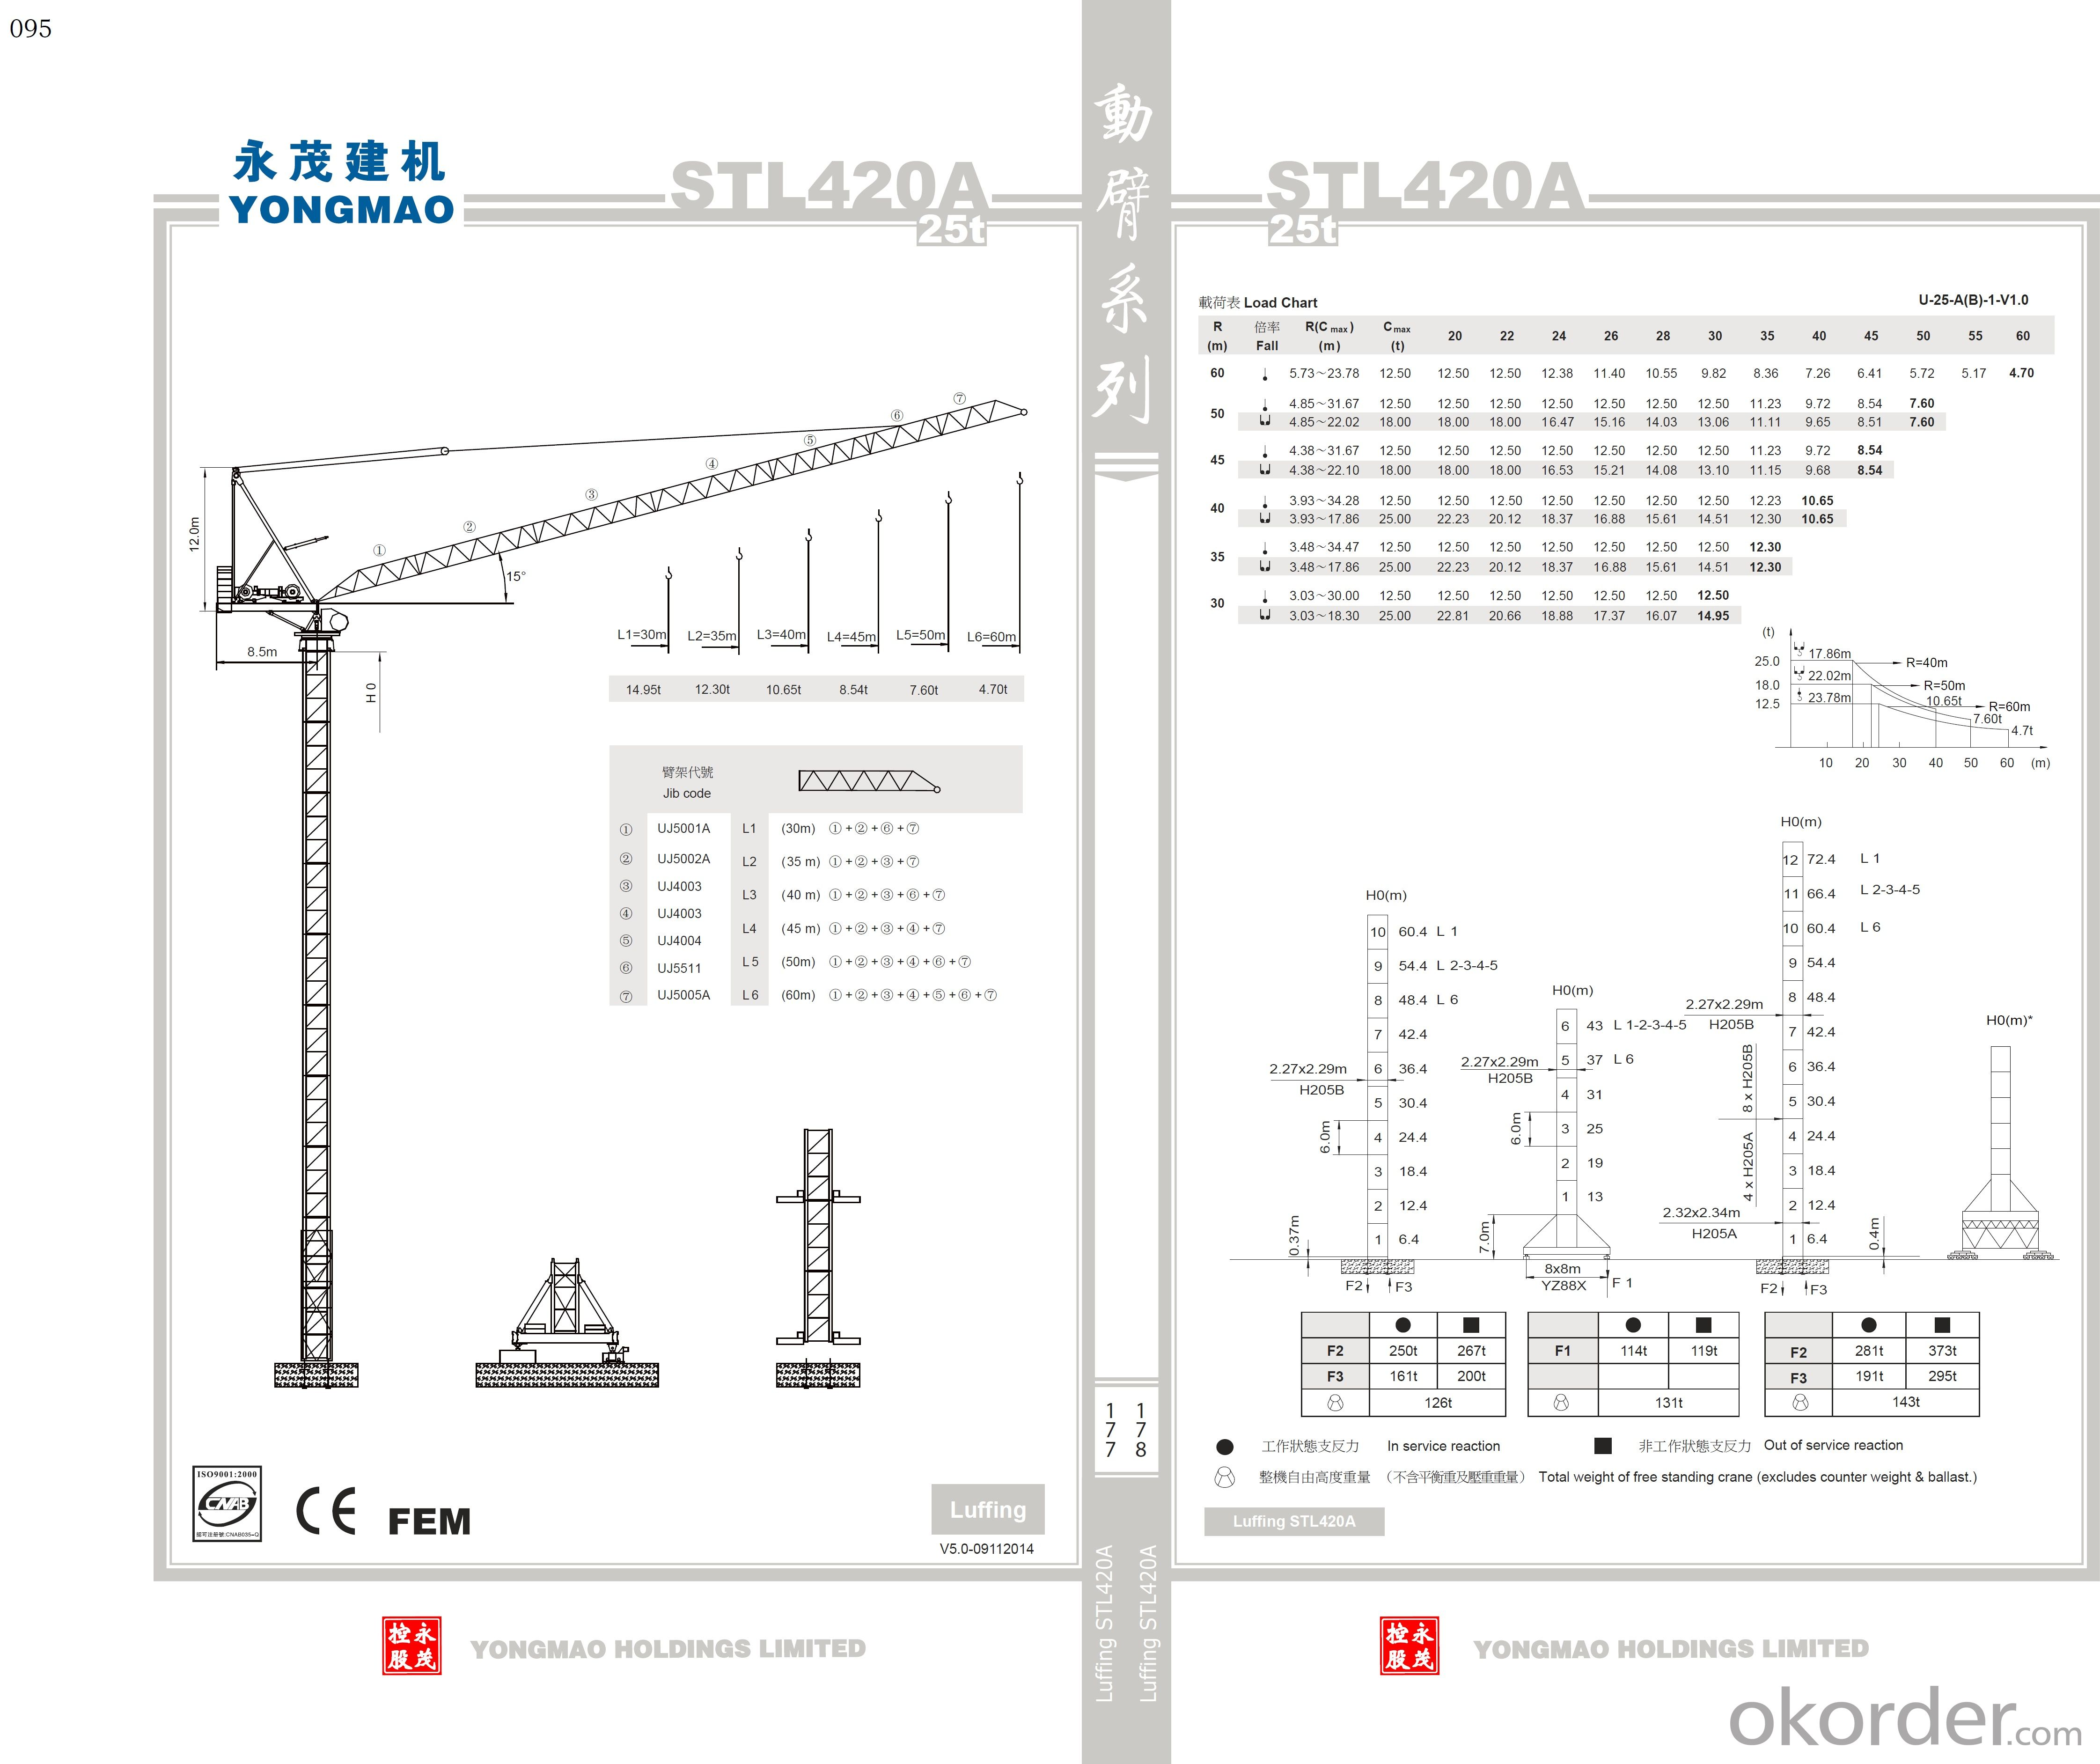 YONGMAO STL420A tower crane